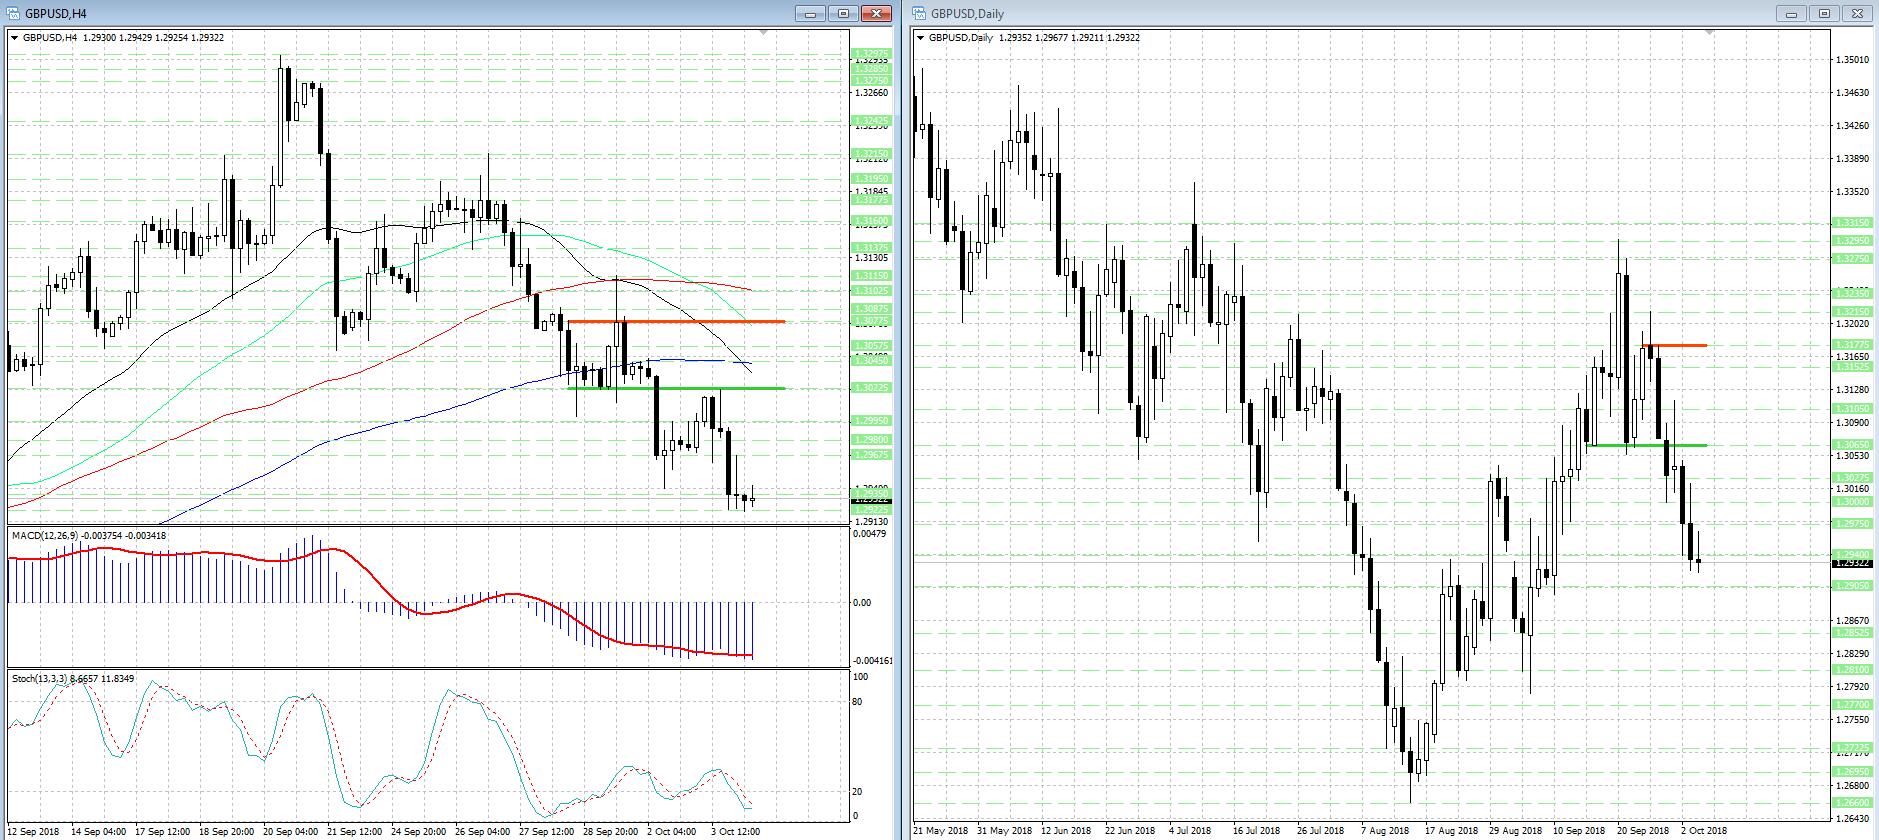 Снижение GBP/USD замедлилось, но признаков разворота пока нет...